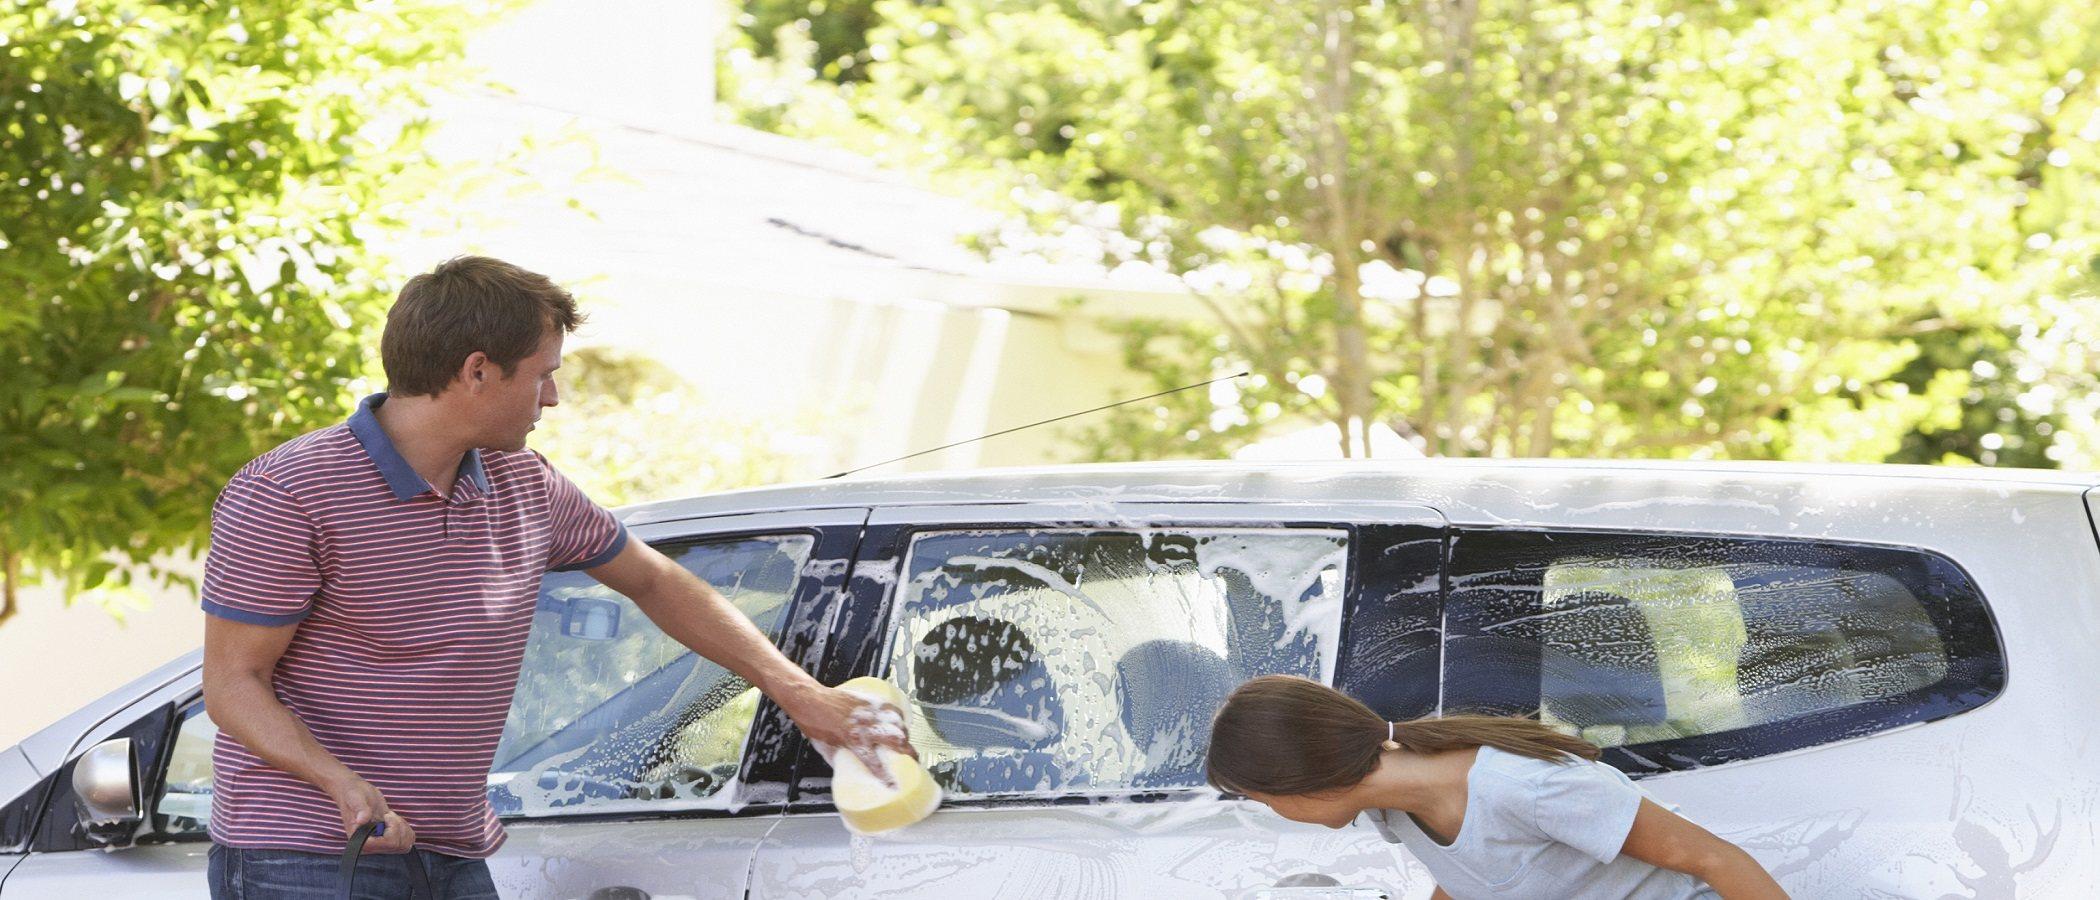 Consigue que tus hijos adolescentes hagan las tareas domésticas sin quejarse